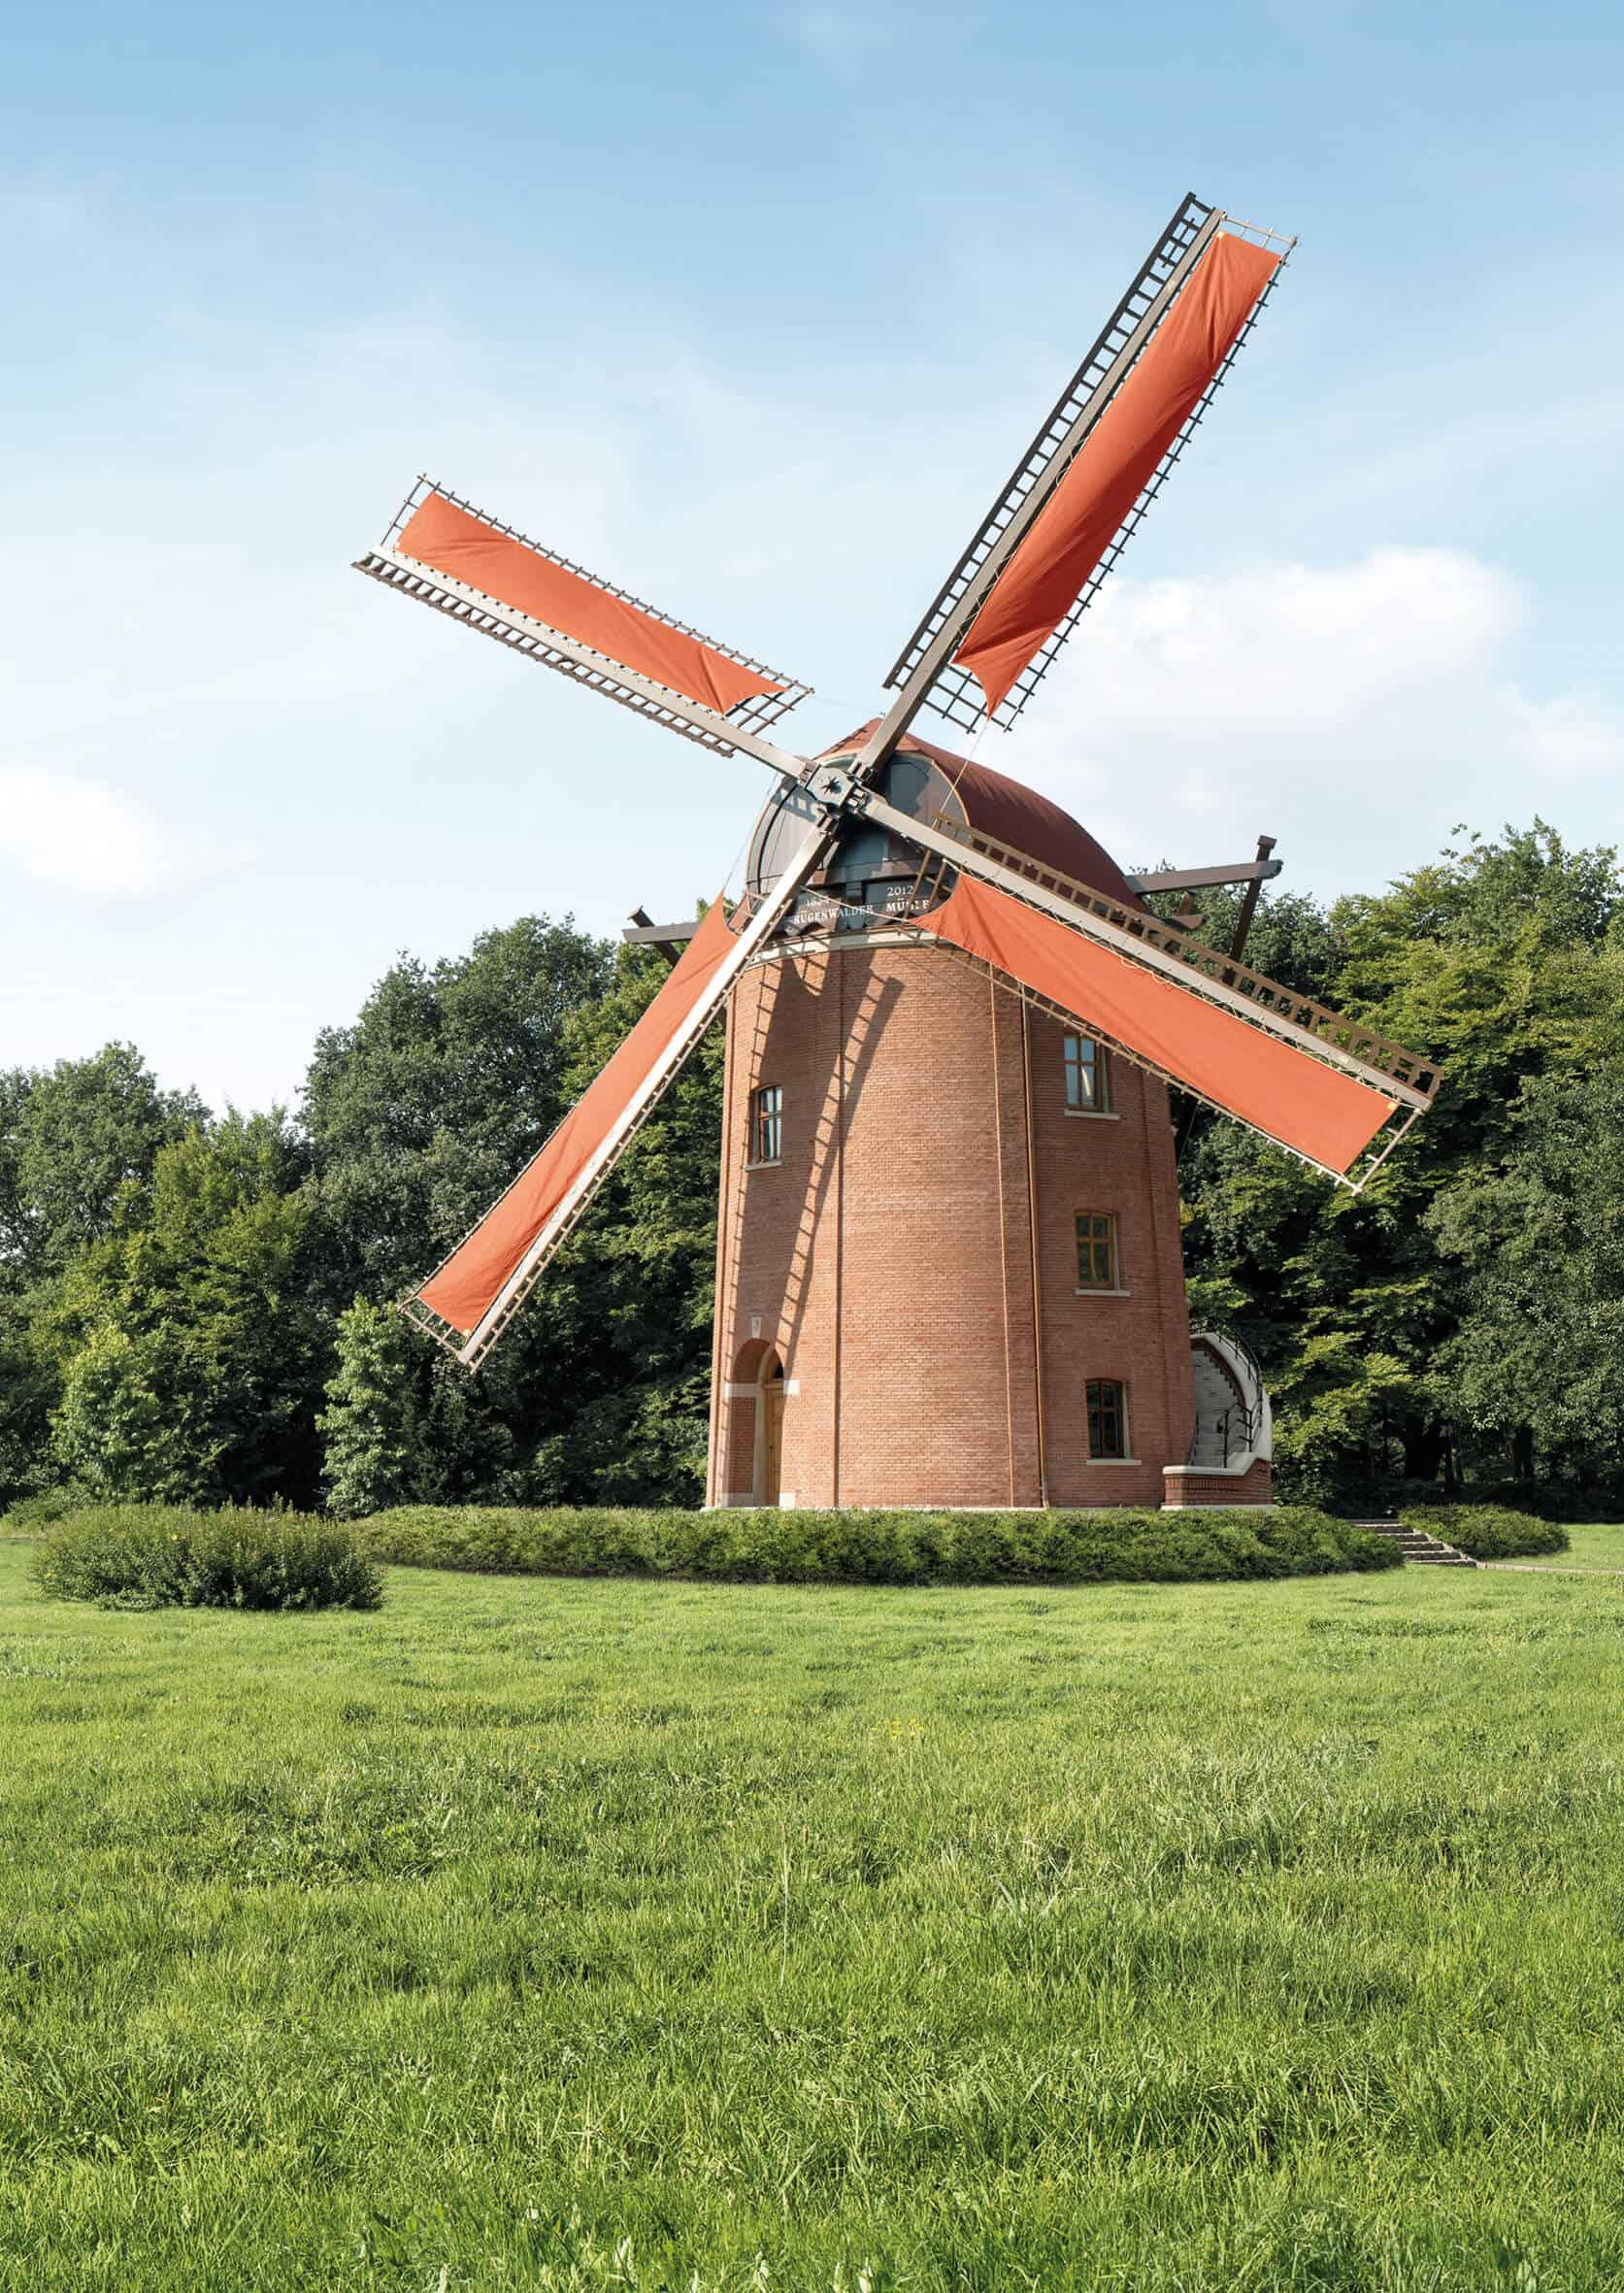 ruegenwalder_muehle windmill